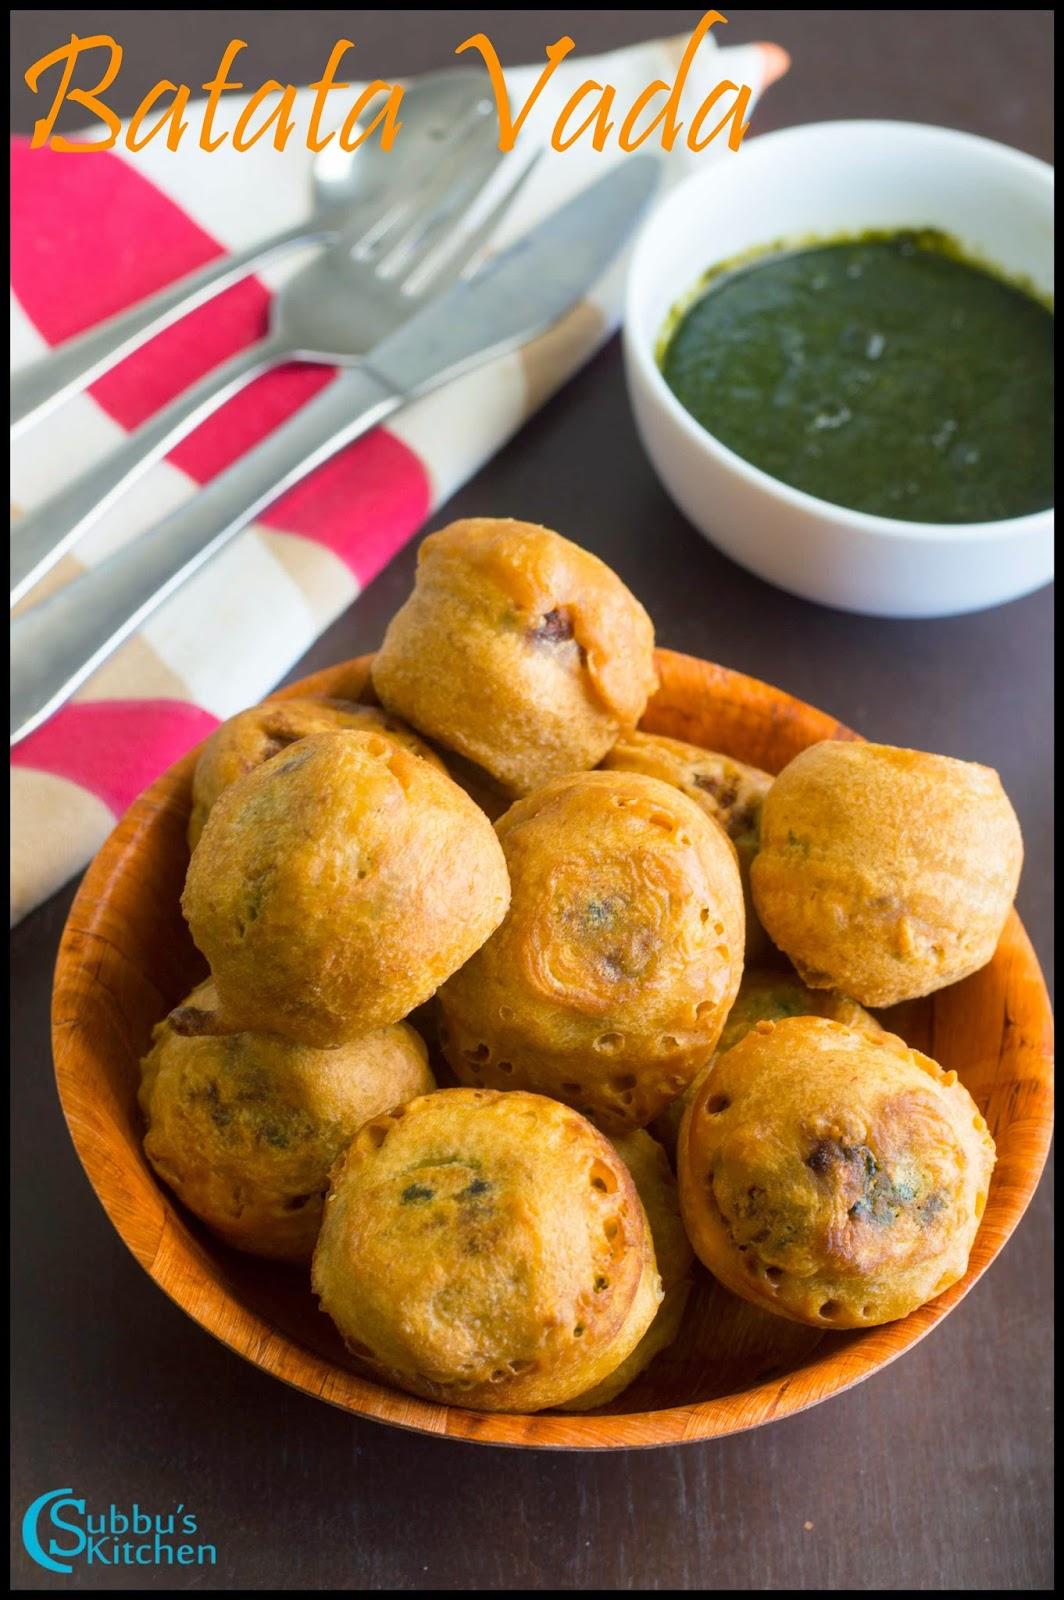 Batata Vada Recipe | Mumbai Style Aloo Bonda Recipe